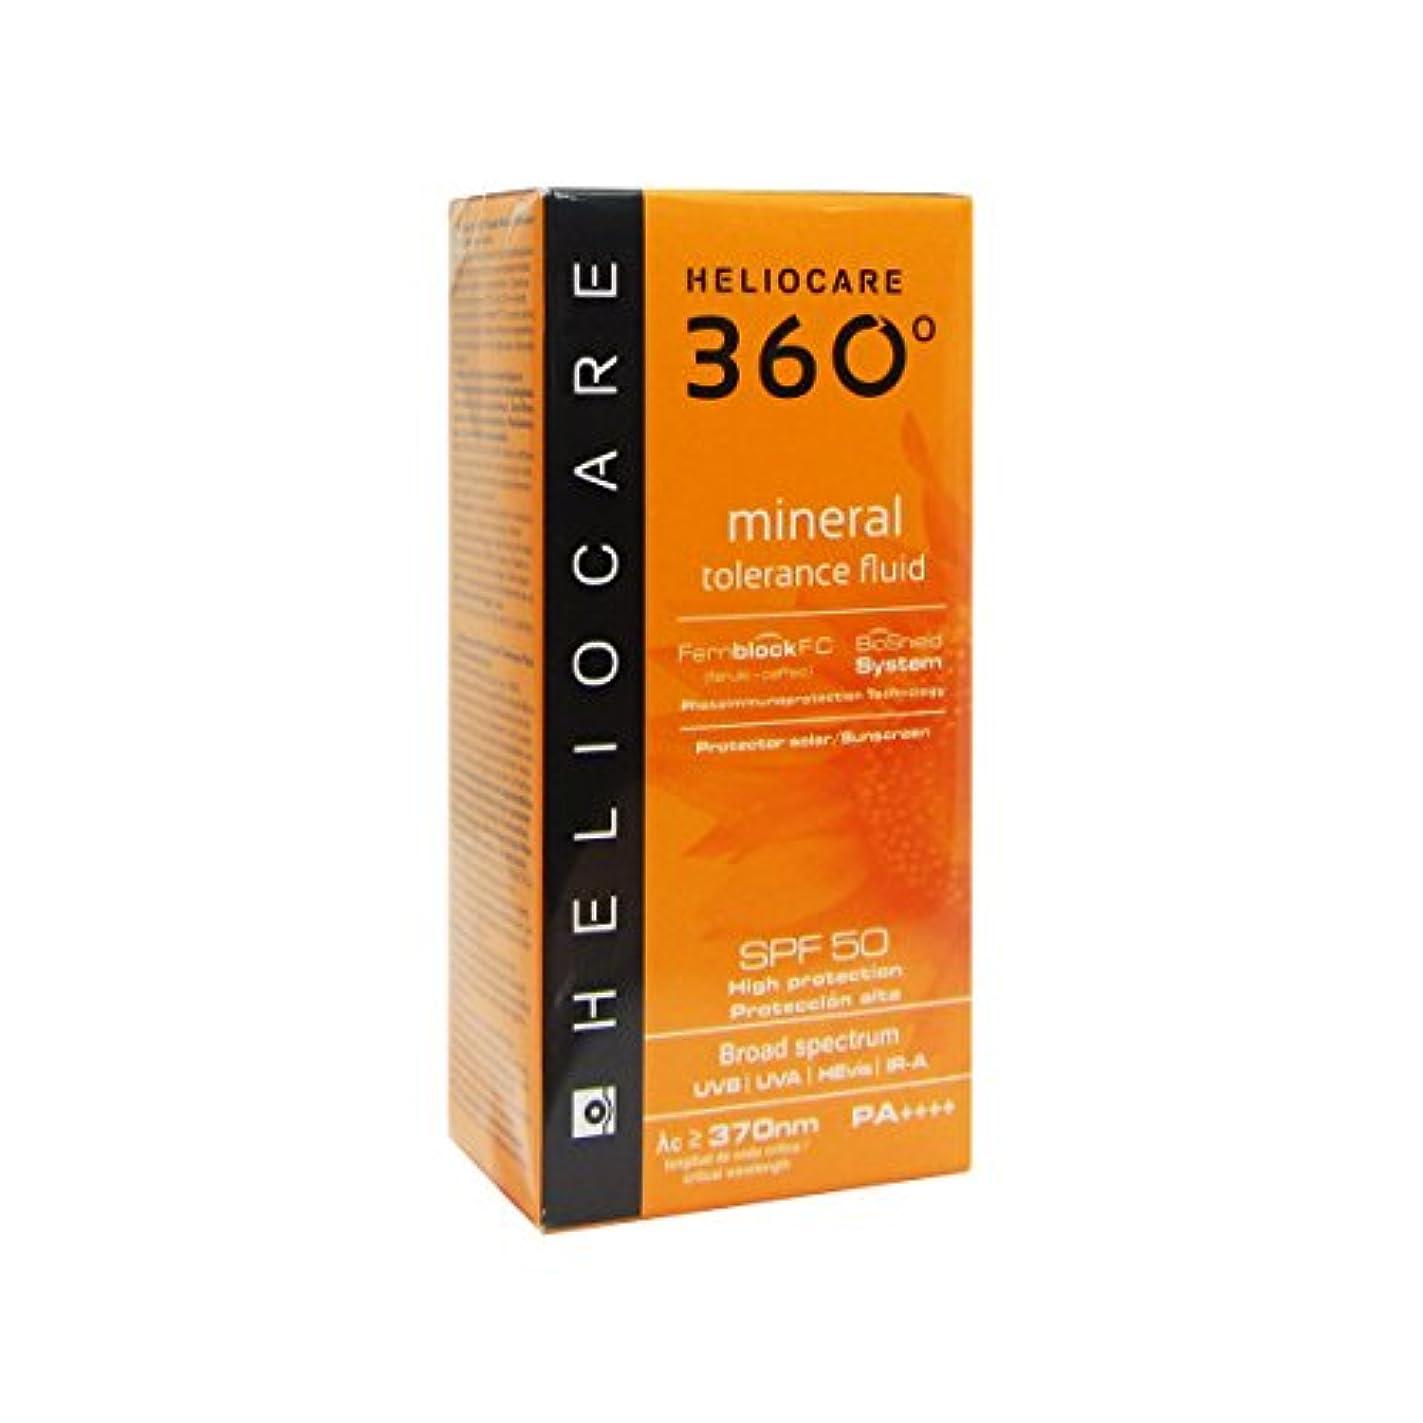 赤面現金カカドゥHeliocare 360 Mineral Tolerance Fluid Spf50 50ml [並行輸入品]